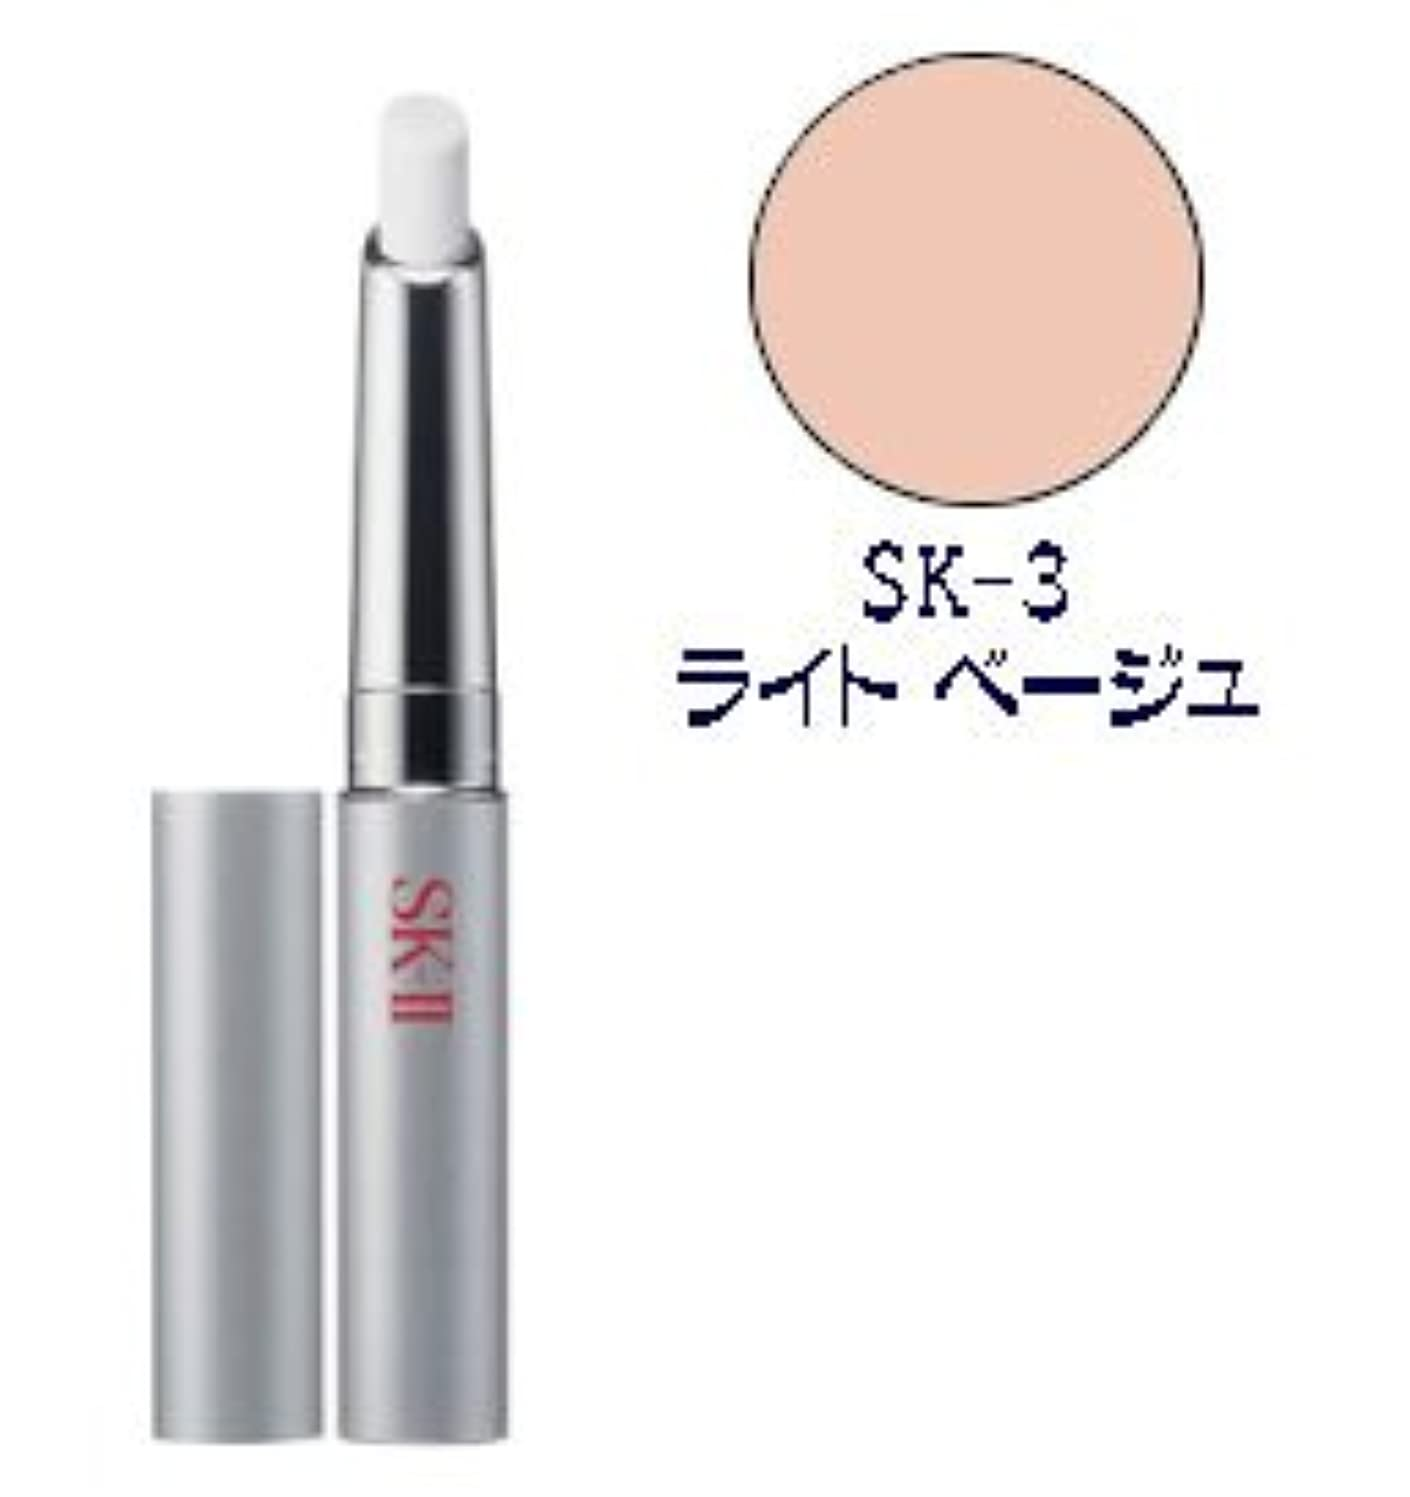 文字通り残高つぶやきSK-II ホワイトニングスポッツイレイス(SK-3)